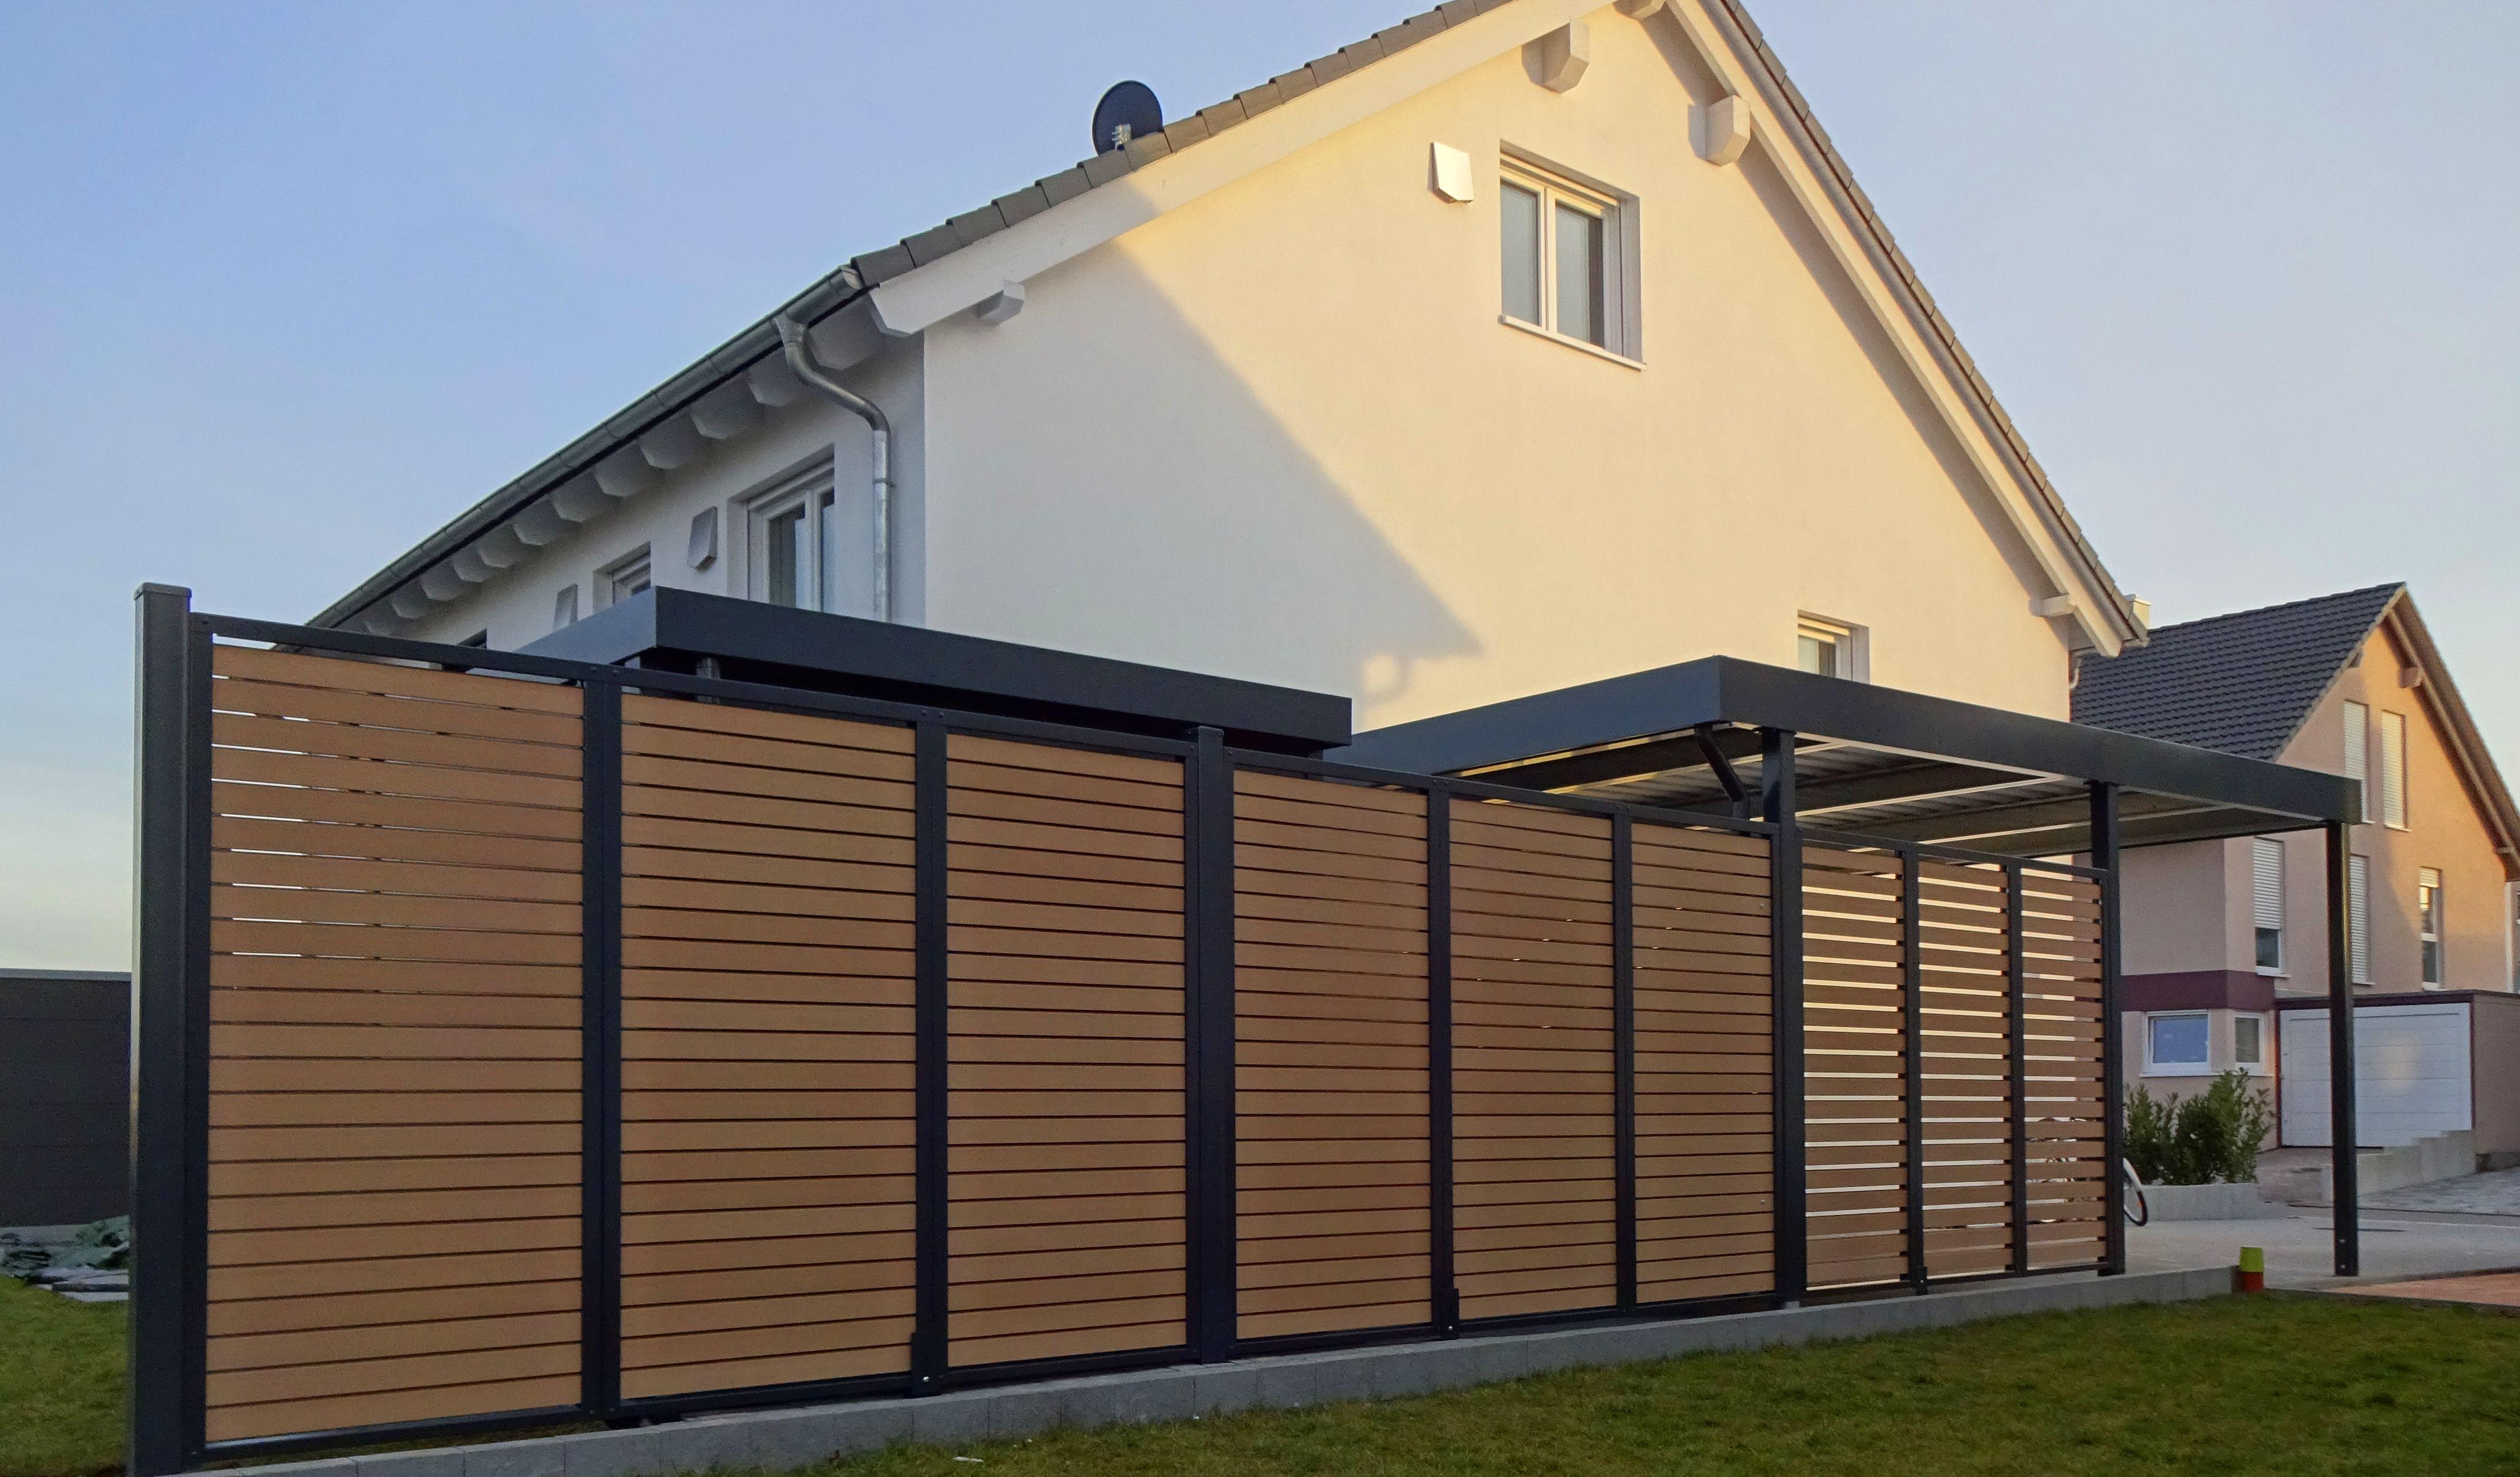 Myport Sichtschutz Aus Stahl Mit Wpc Fullung Wpc Holz Carport Carport Stahl